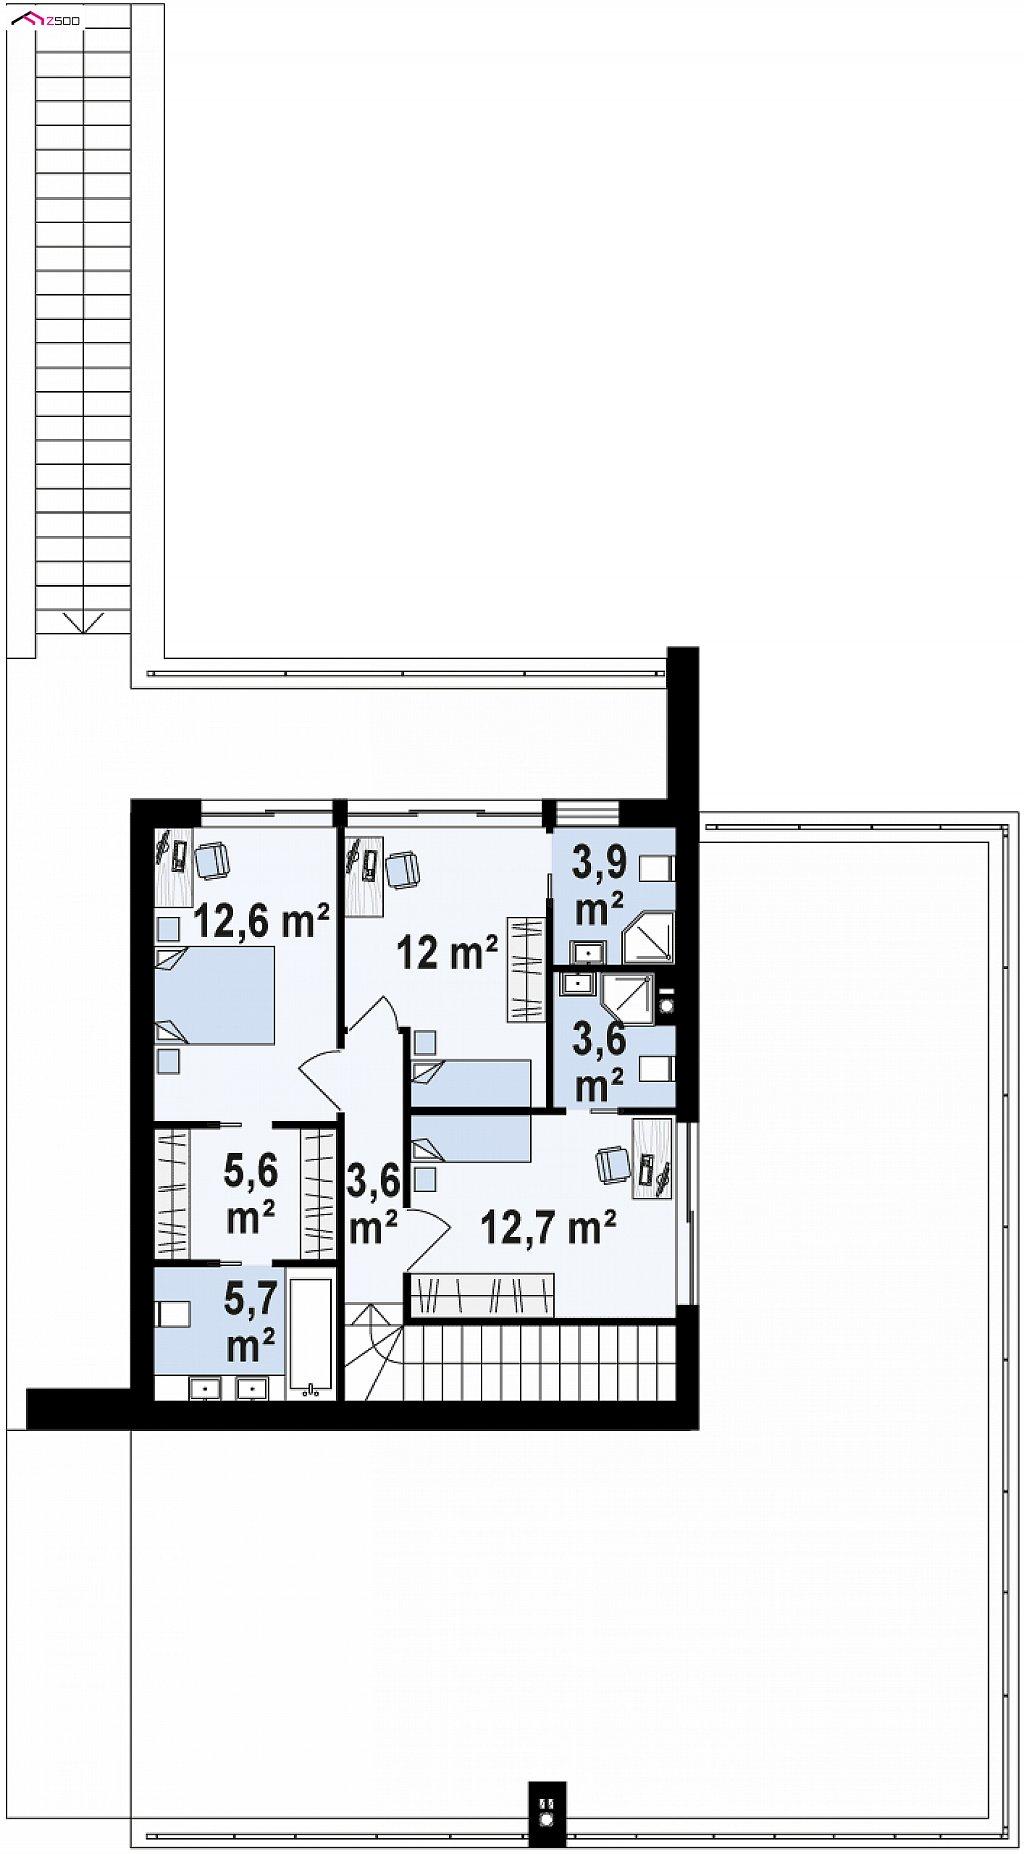 Стильный современный проект двухэтажного дома, подходит для строительства на участке со склоном. план помещений 2